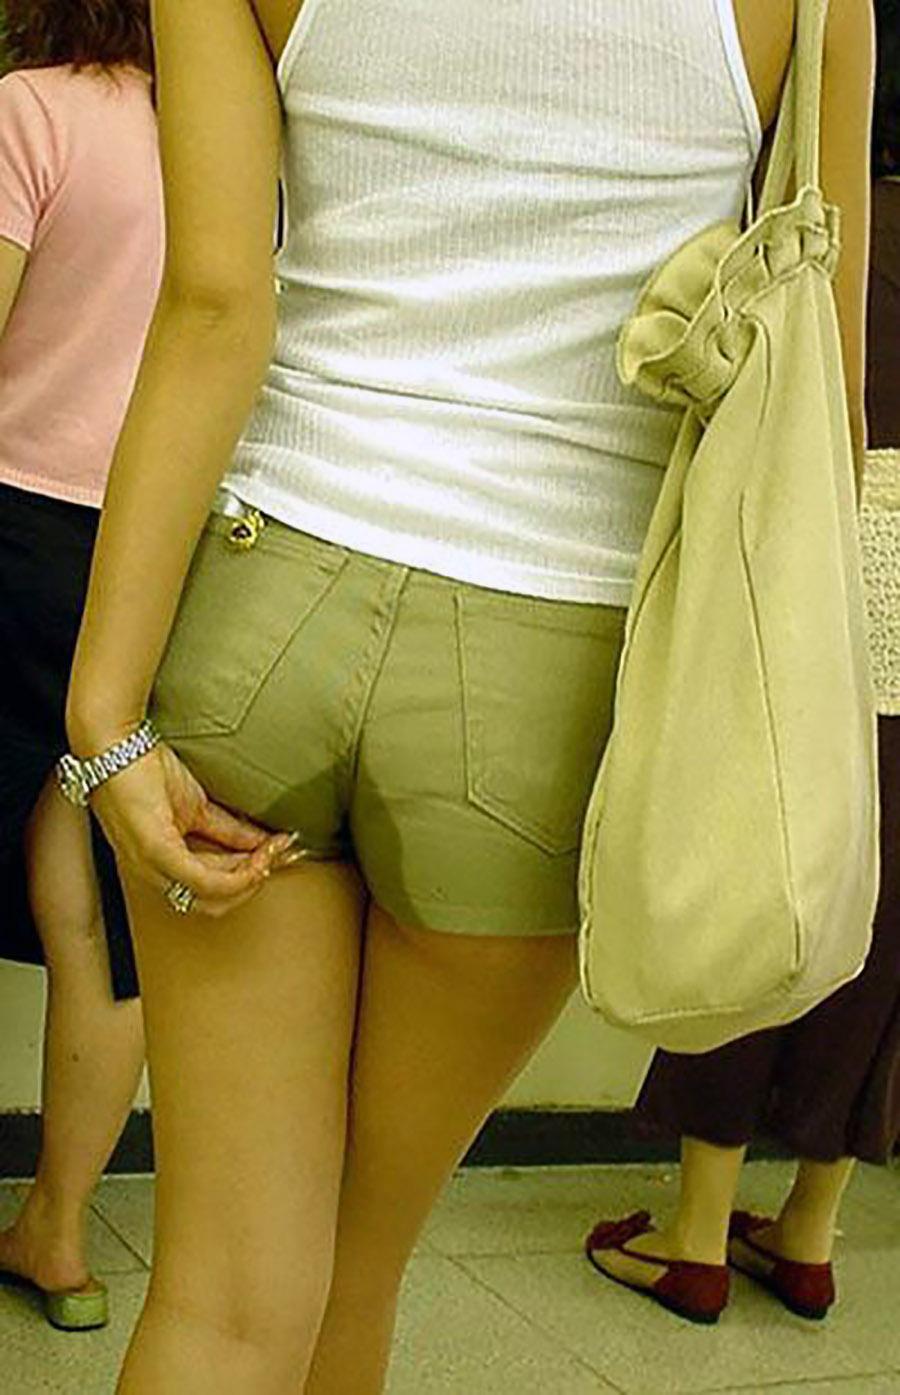 着衣お漏らしとかいう一番恥ずかしくてエロなお漏らしの仕方がコチラwwwwwwwwww(写真あり)